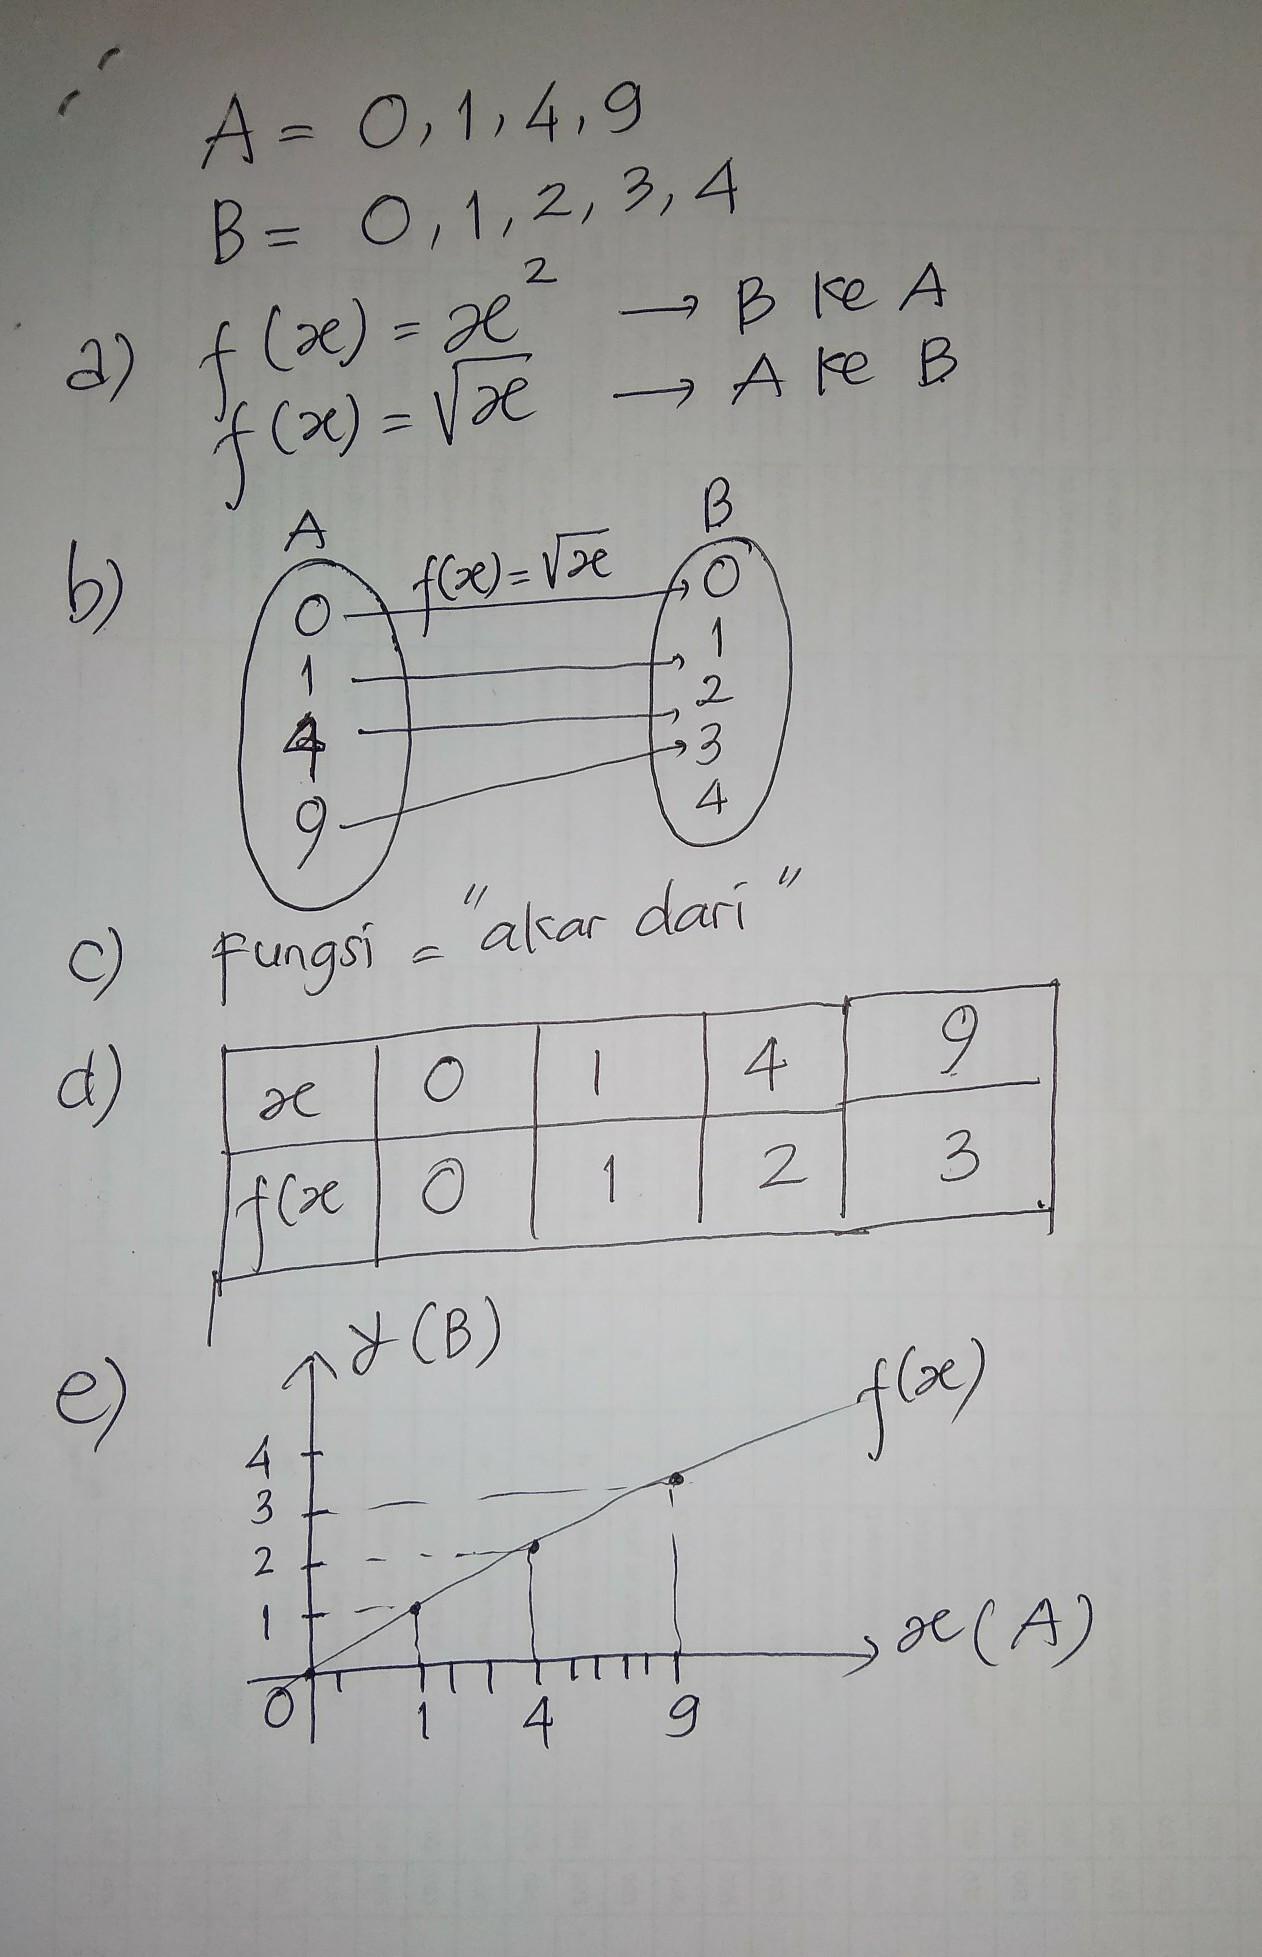 Diketahui A= 0 1 4 9 Dan B= 0 1 2 3 4 : diketahui, Jawaban, Berlatih, Halaman, Matematika, Kelas, (Relasi, Fungsi), Belajar, Belajarlagi